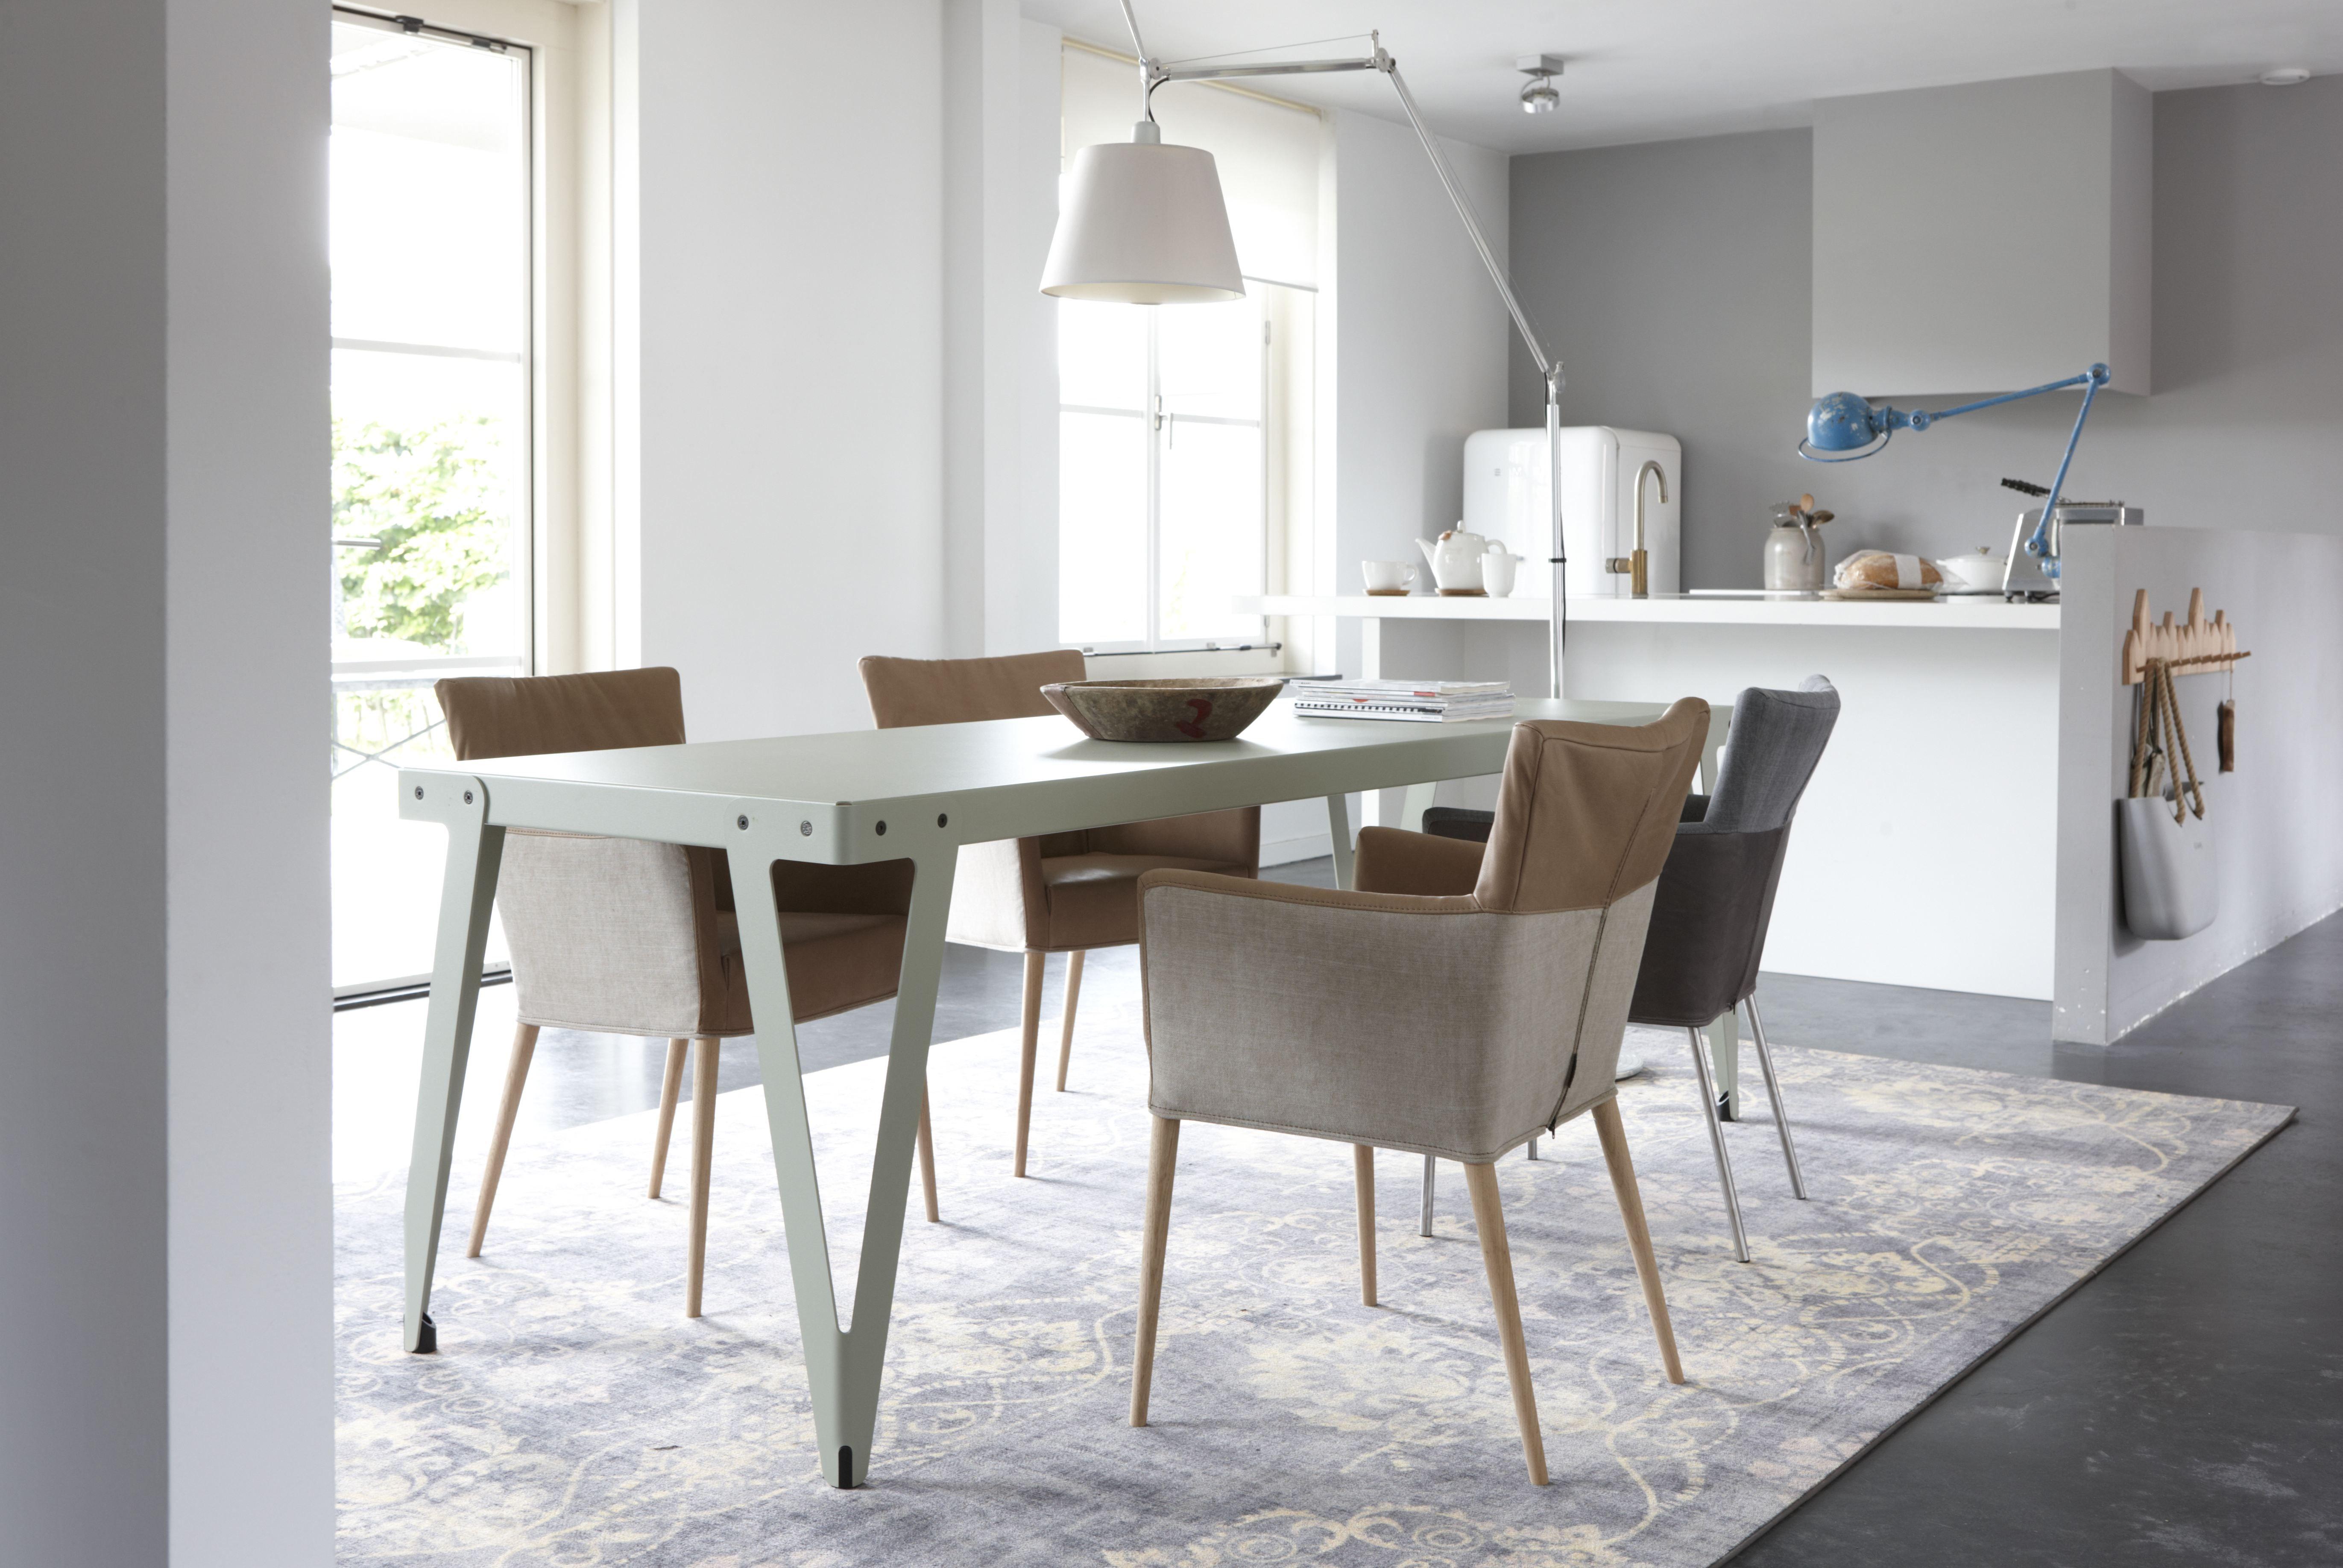 Design Replica Meubels : Label brand merk meubels inspiratie interieur wonen